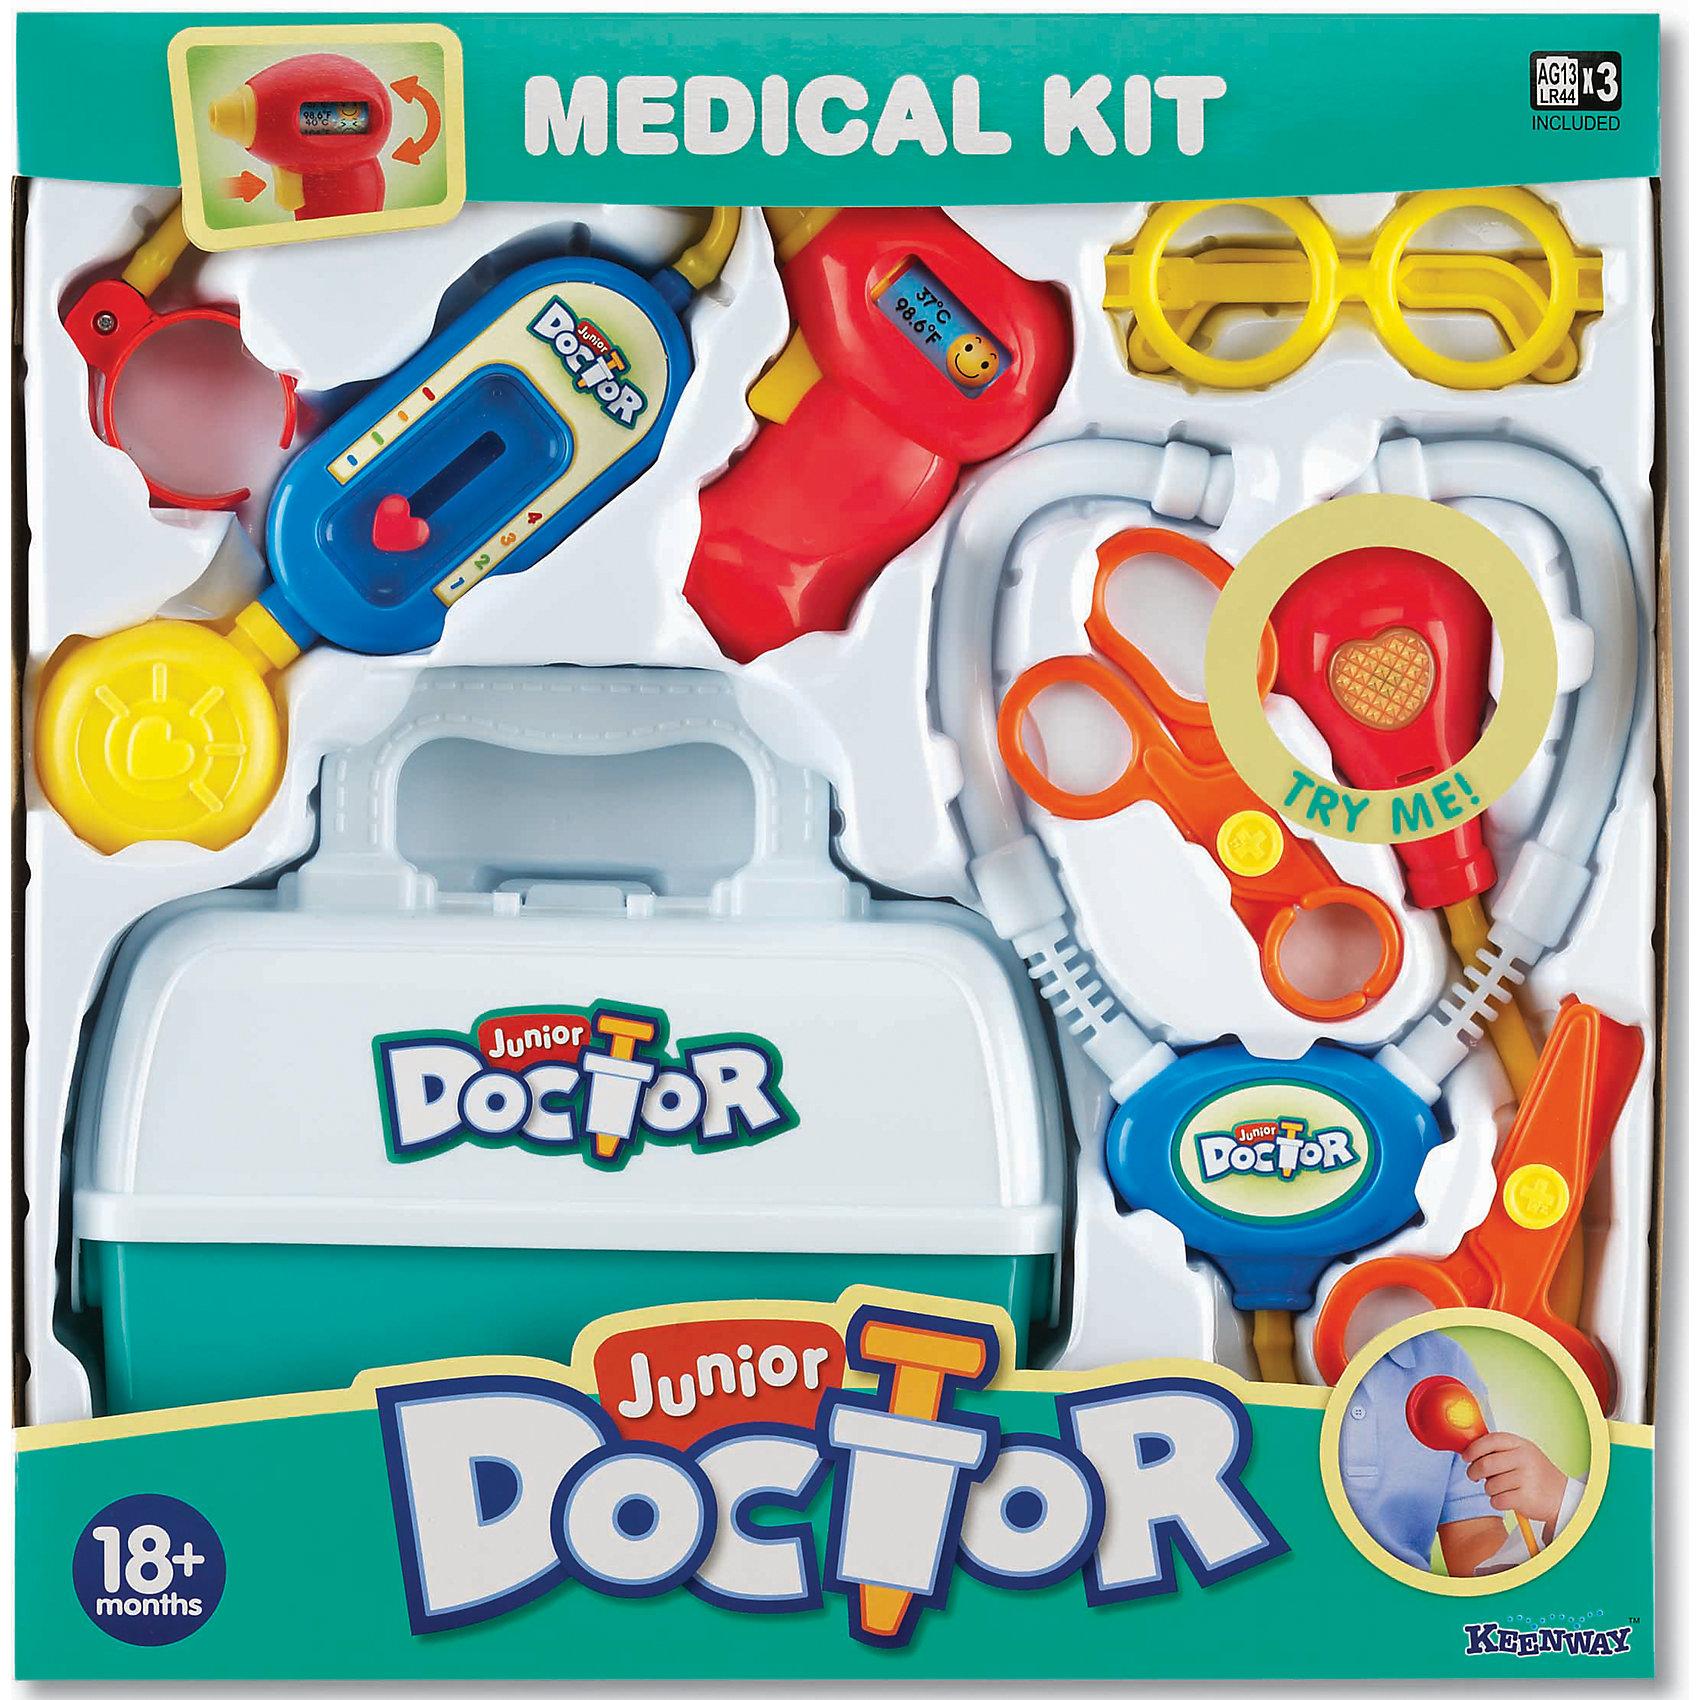 Игровой набор Мой доктор, KeenwayДети всегда стараются подражать тому, что видят, поэтому набор Мой доктор от  Keenway - отличный подарок ребенку. Это красочная игрушка, которая обязательно понравится ребенку. Она выполнена в виде предметов, которые можно встретить в больнице: тонометр, фонендоскоп, ножницы, зажим, очки, чтобы начинающий доктор выглядел солиднее. Инструменты максимально похожи на настоящие! <br>Игрушка по габаритам идеально подходит для маленьких ручек малыша. Весит совсем немного. Такие игрушки помогают развить мелкую моторику, логическое мышление и воображение ребенка. Эта игрушка выполнена из высококачественного прочного пластика, безопасного для детей.<br>  <br>Дополнительная информация:<br><br>цвет: разноцветный;<br>материал: пластик;<br>размер игрушки: 0,38 x 0,39 x 0,9 м;<br>батарейки: 2ХхАА, в комплекте;<br>комплектация: тонометр, фонендоскоп, ножницы, зажим, очки;<br>вес:  0,2 кг.<br><br>Набор Мой доктор от компании Keenway можно купить в нашем магазине.<br><br>Ширина мм: 406<br>Глубина мм: 88<br>Высота мм: 406<br>Вес г: 841<br>Возраст от месяцев: 36<br>Возраст до месяцев: 120<br>Пол: Унисекс<br>Возраст: Детский<br>SKU: 4810974